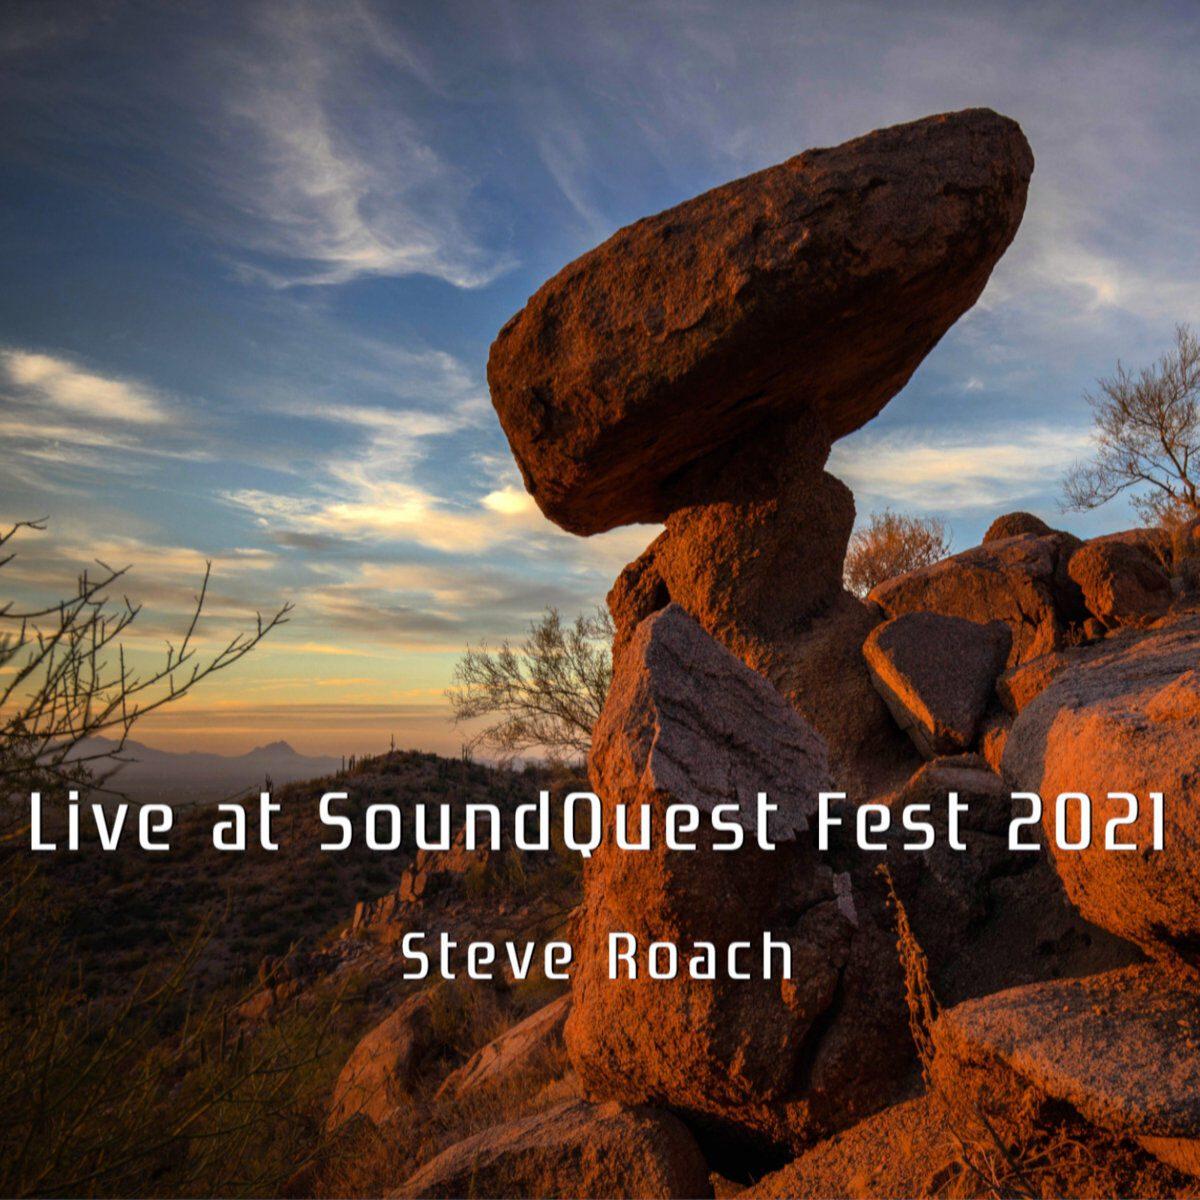 Live album for Steve Roach, 'Live at SoundQuest Fest 2021'